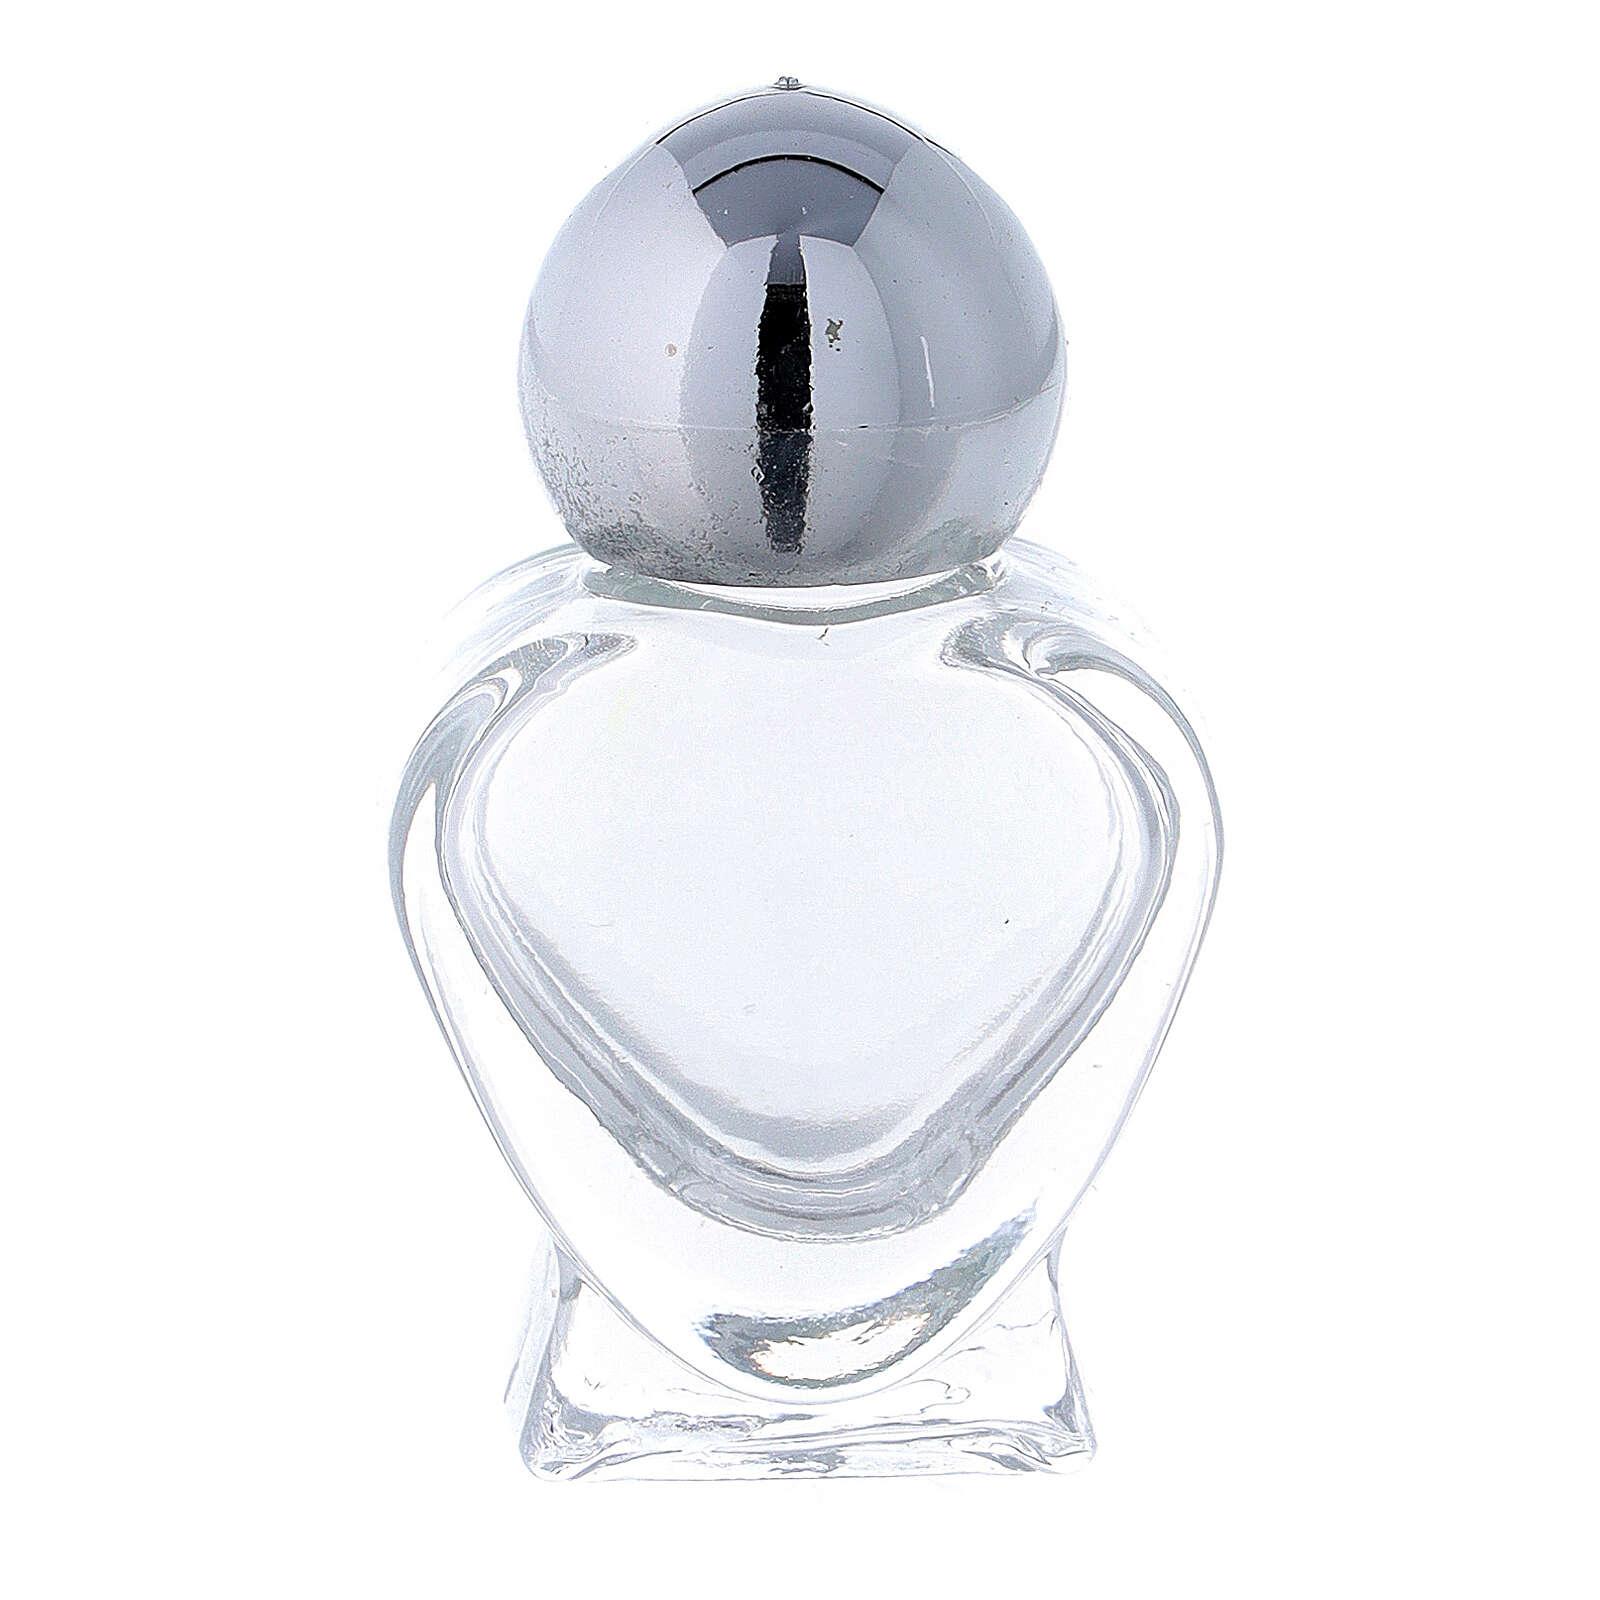 Bottiglietta acquasanta cuoricino in vetro 5 ml (CONF. 50 PZ)  3